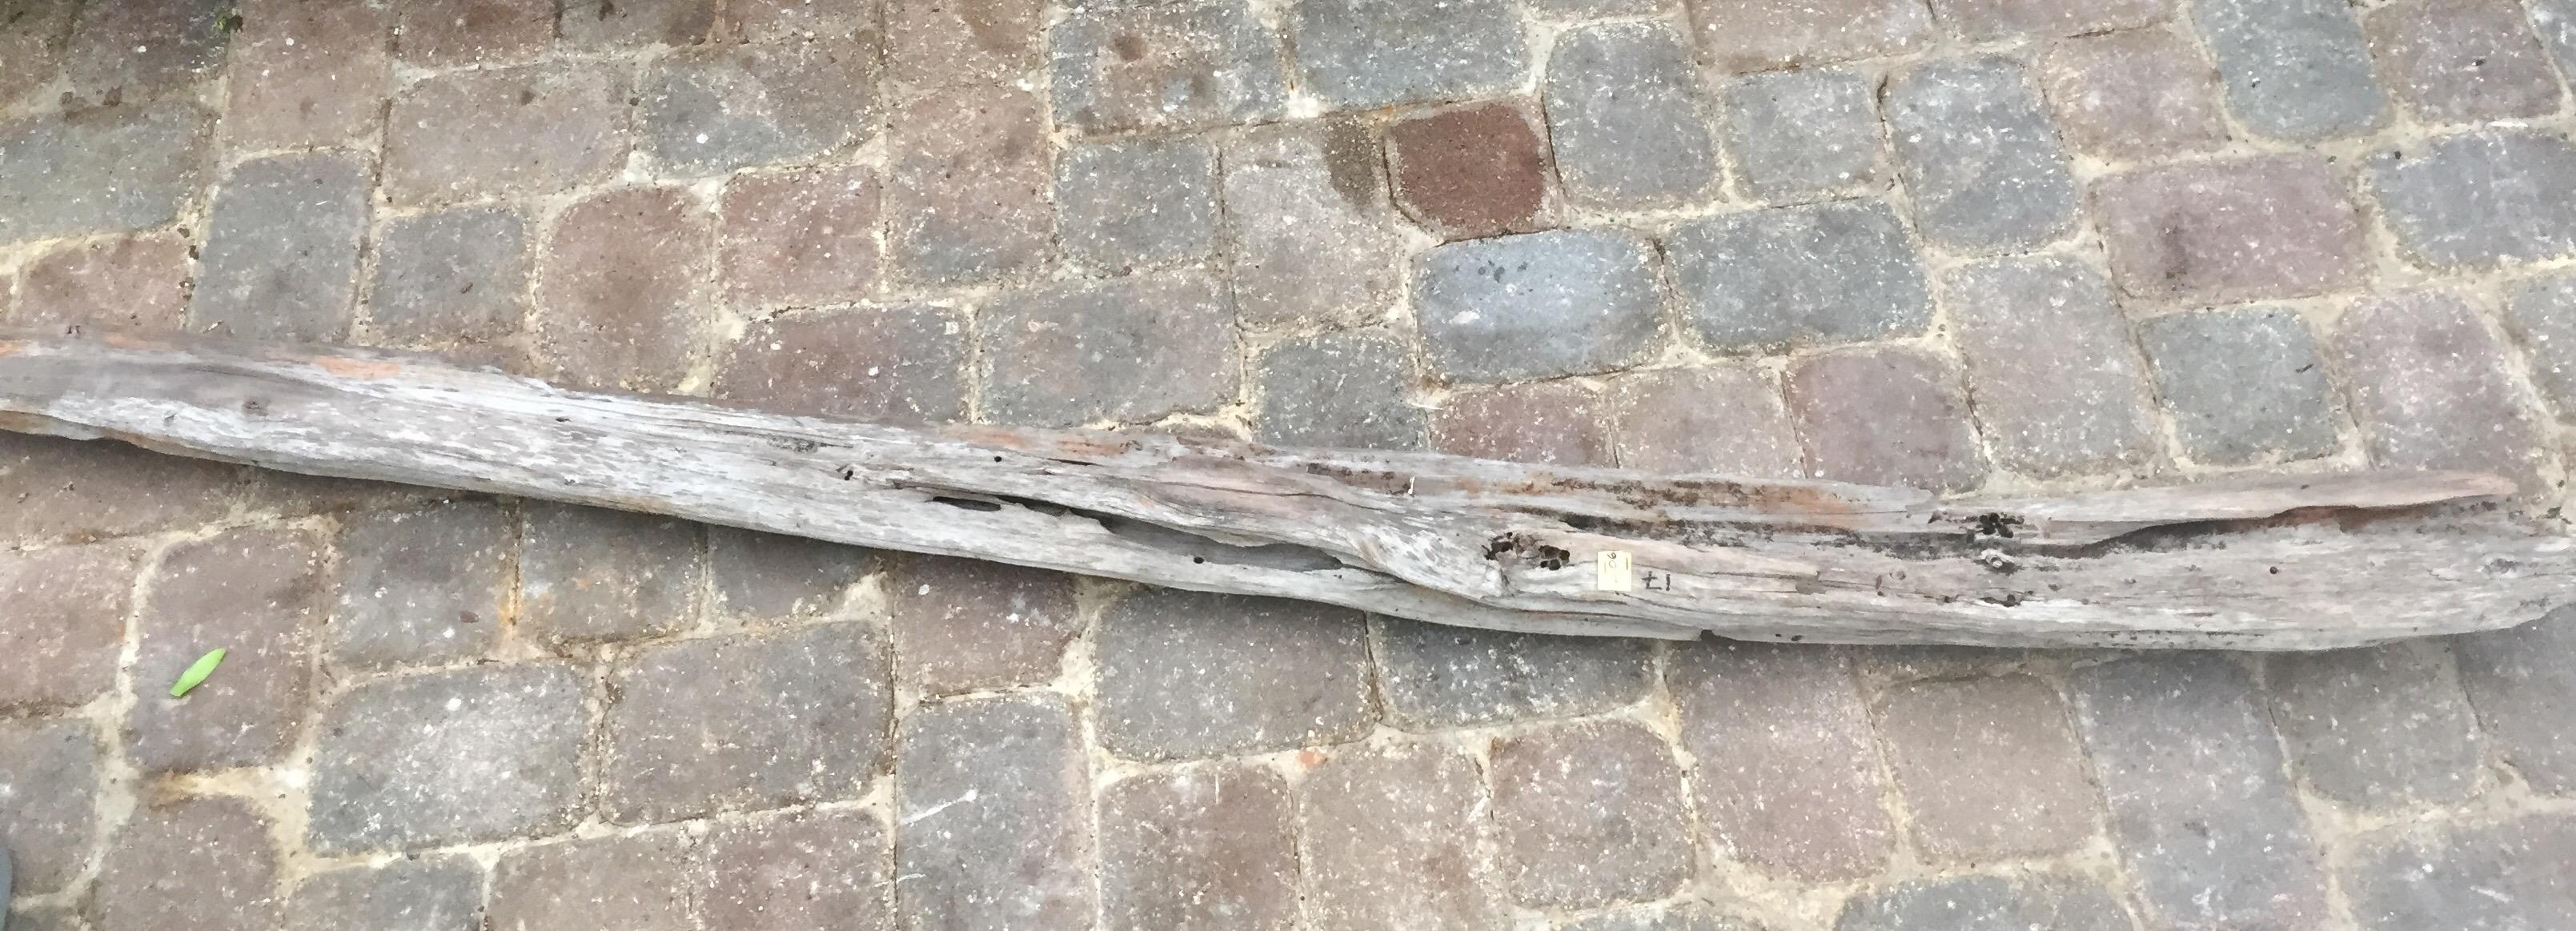 Driftwood #B5